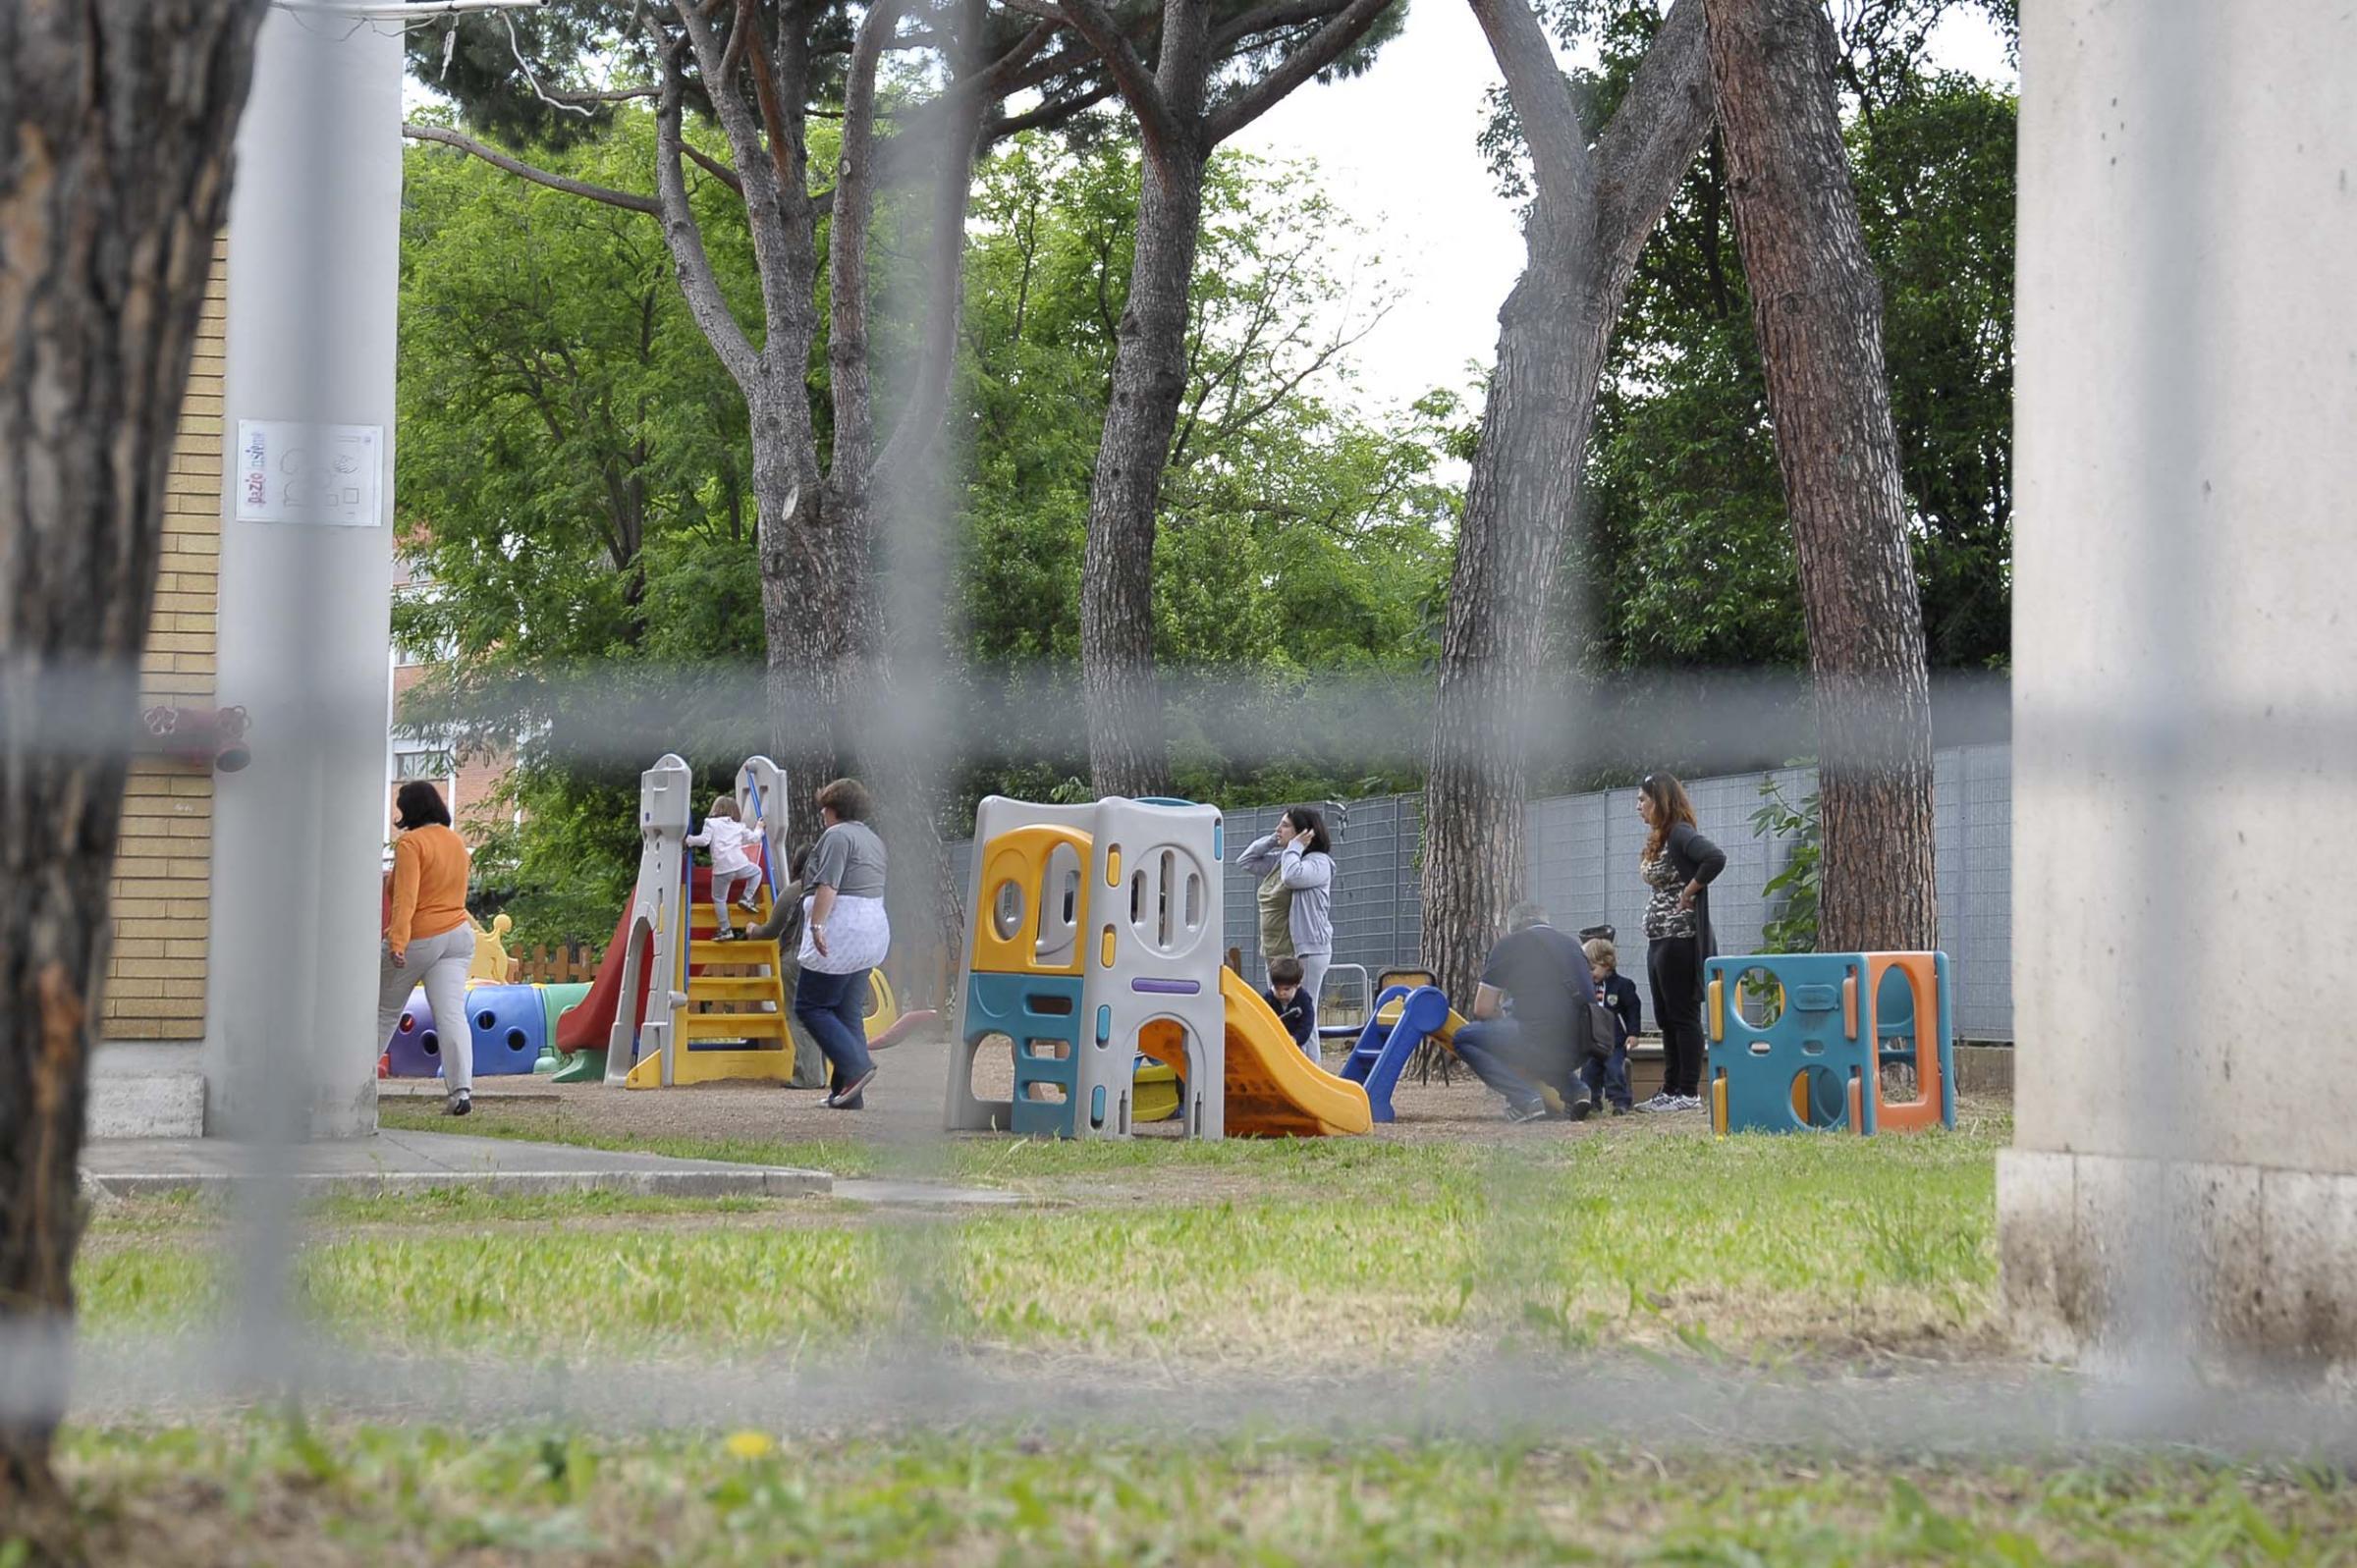 Maltrattamenti all'asilo nido: a Milano due arresti. Morsi e insulti ai bambini